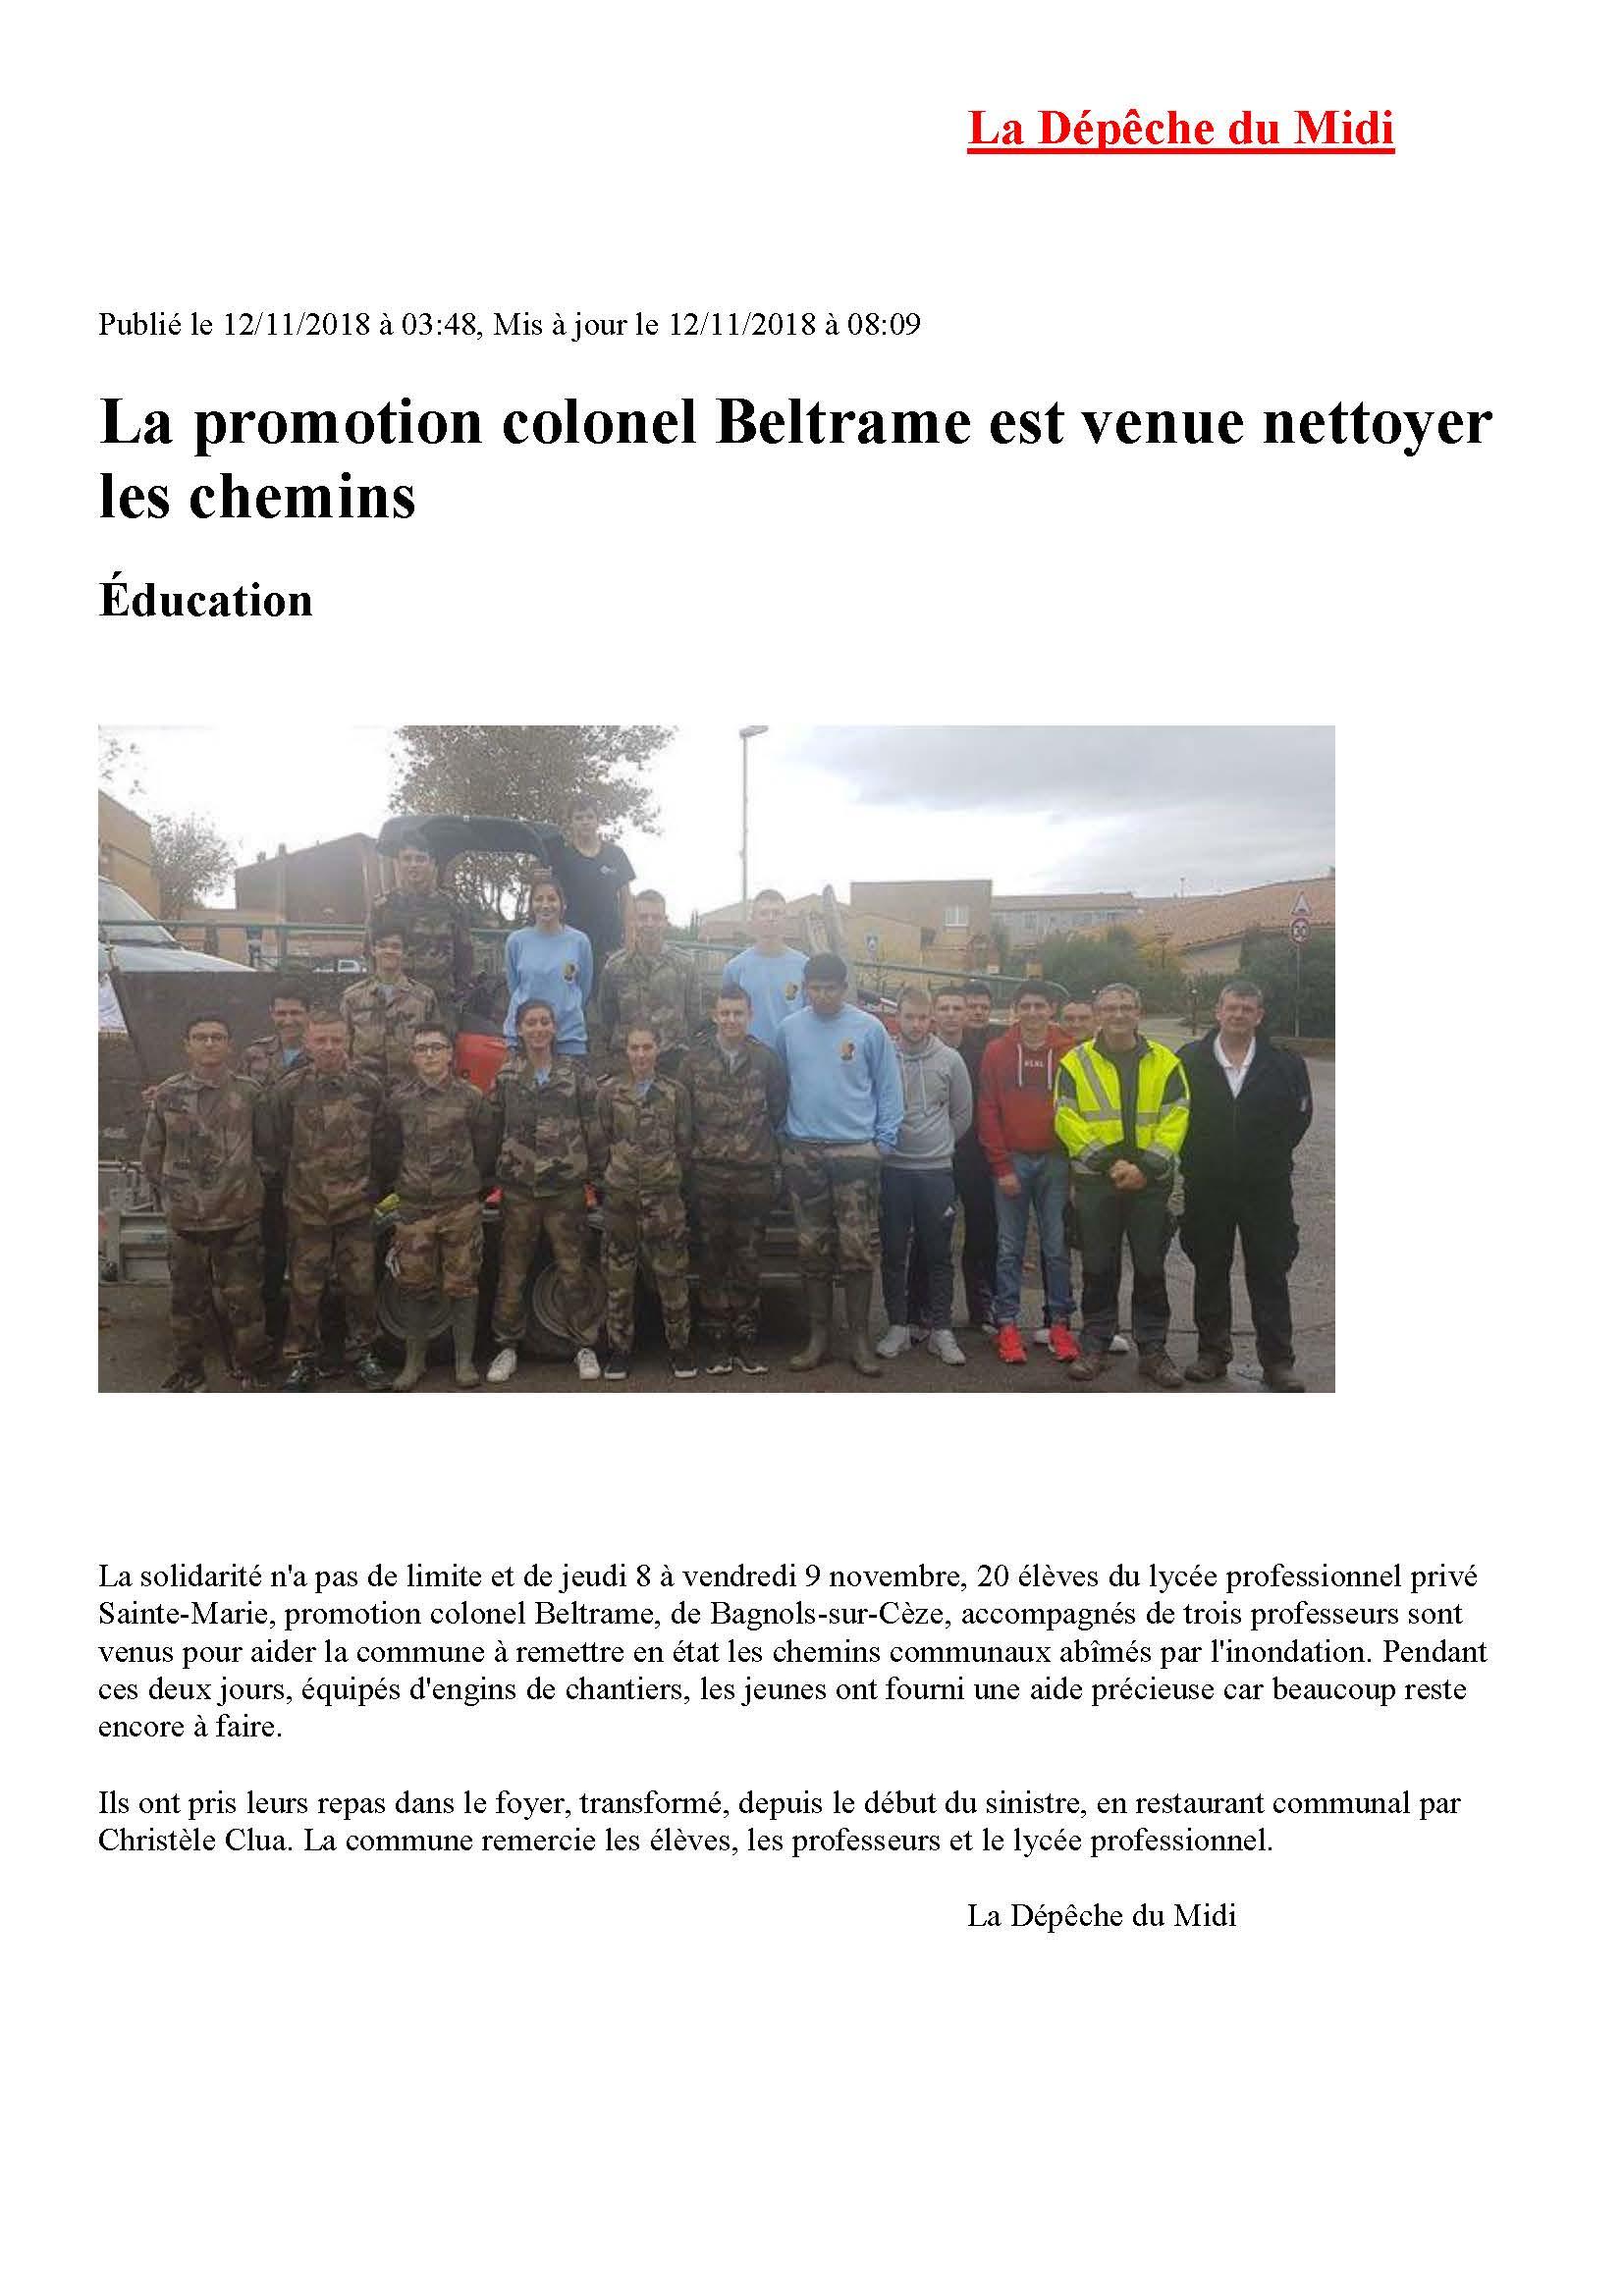 Article de presse aide aux sinistrés La Dépêche du Midi